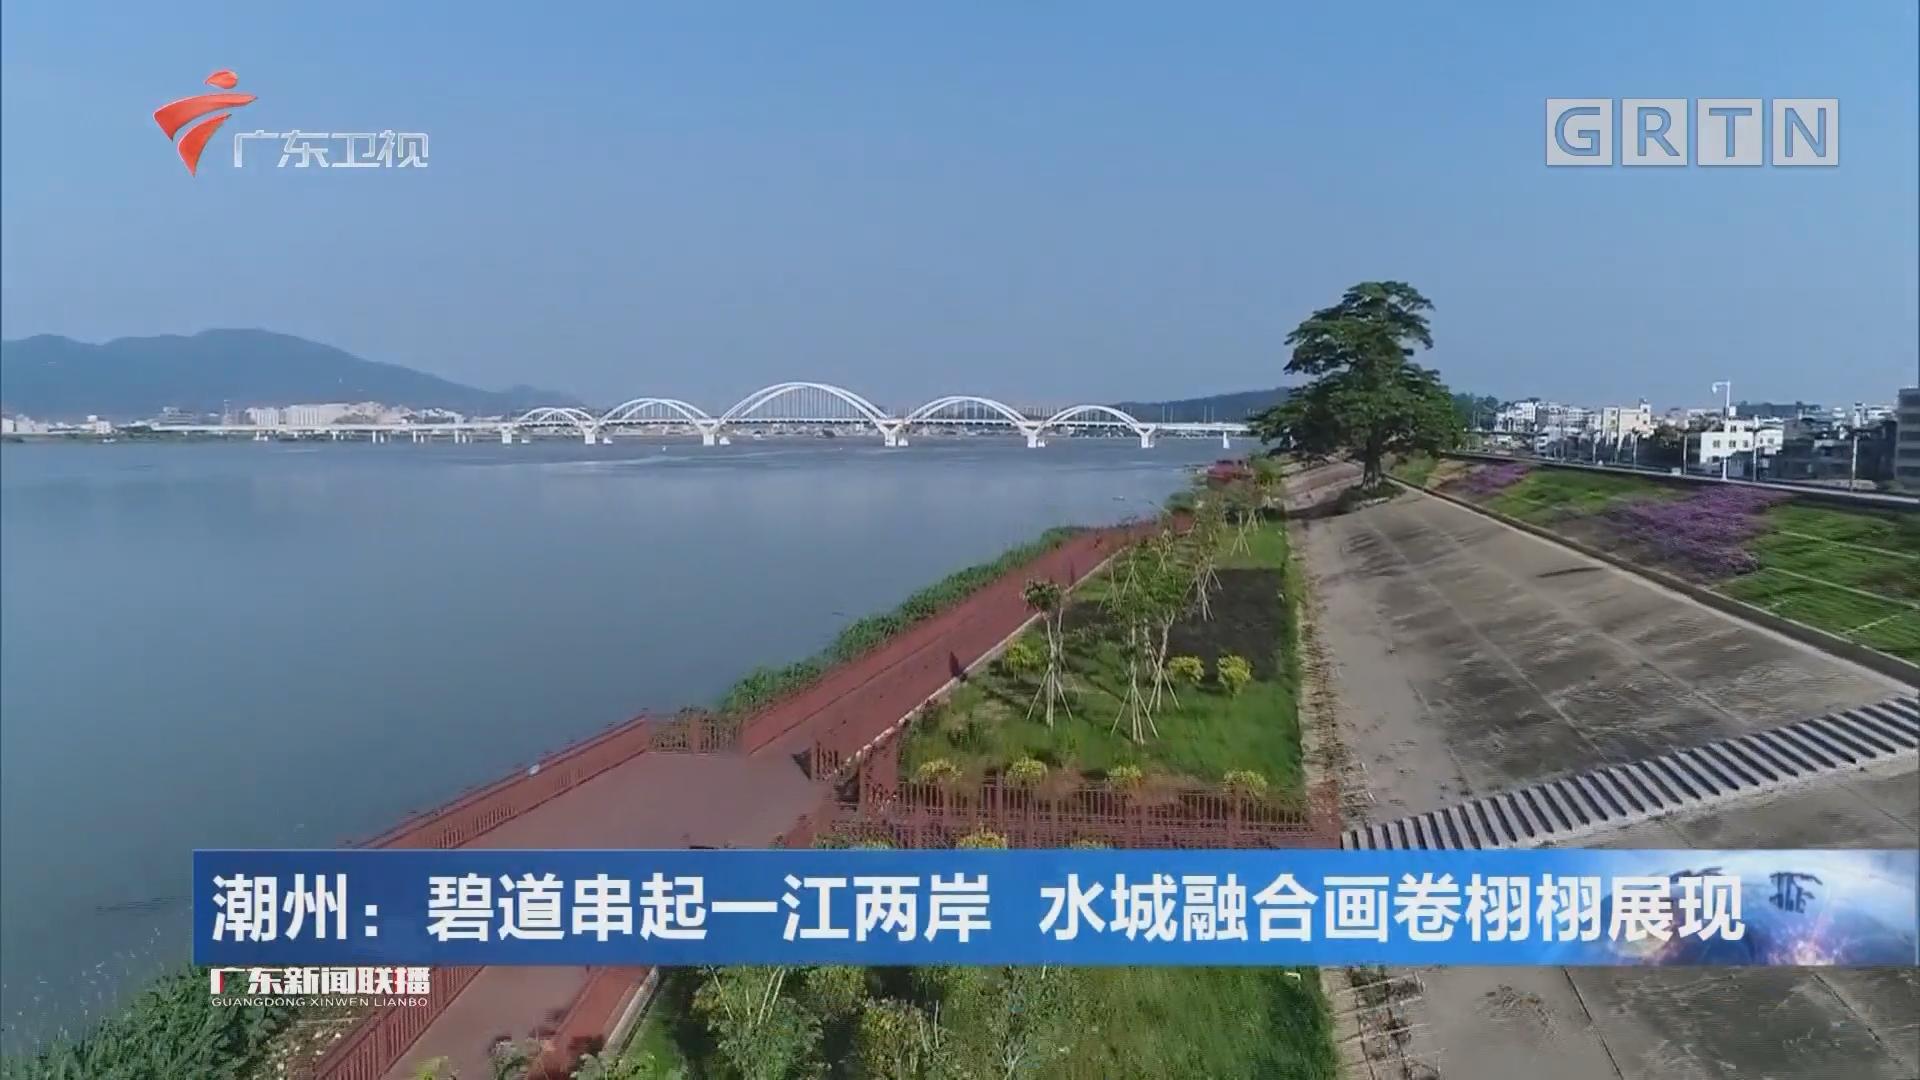 潮州:碧道串起一江两岸 水城融合画卷栩栩展现